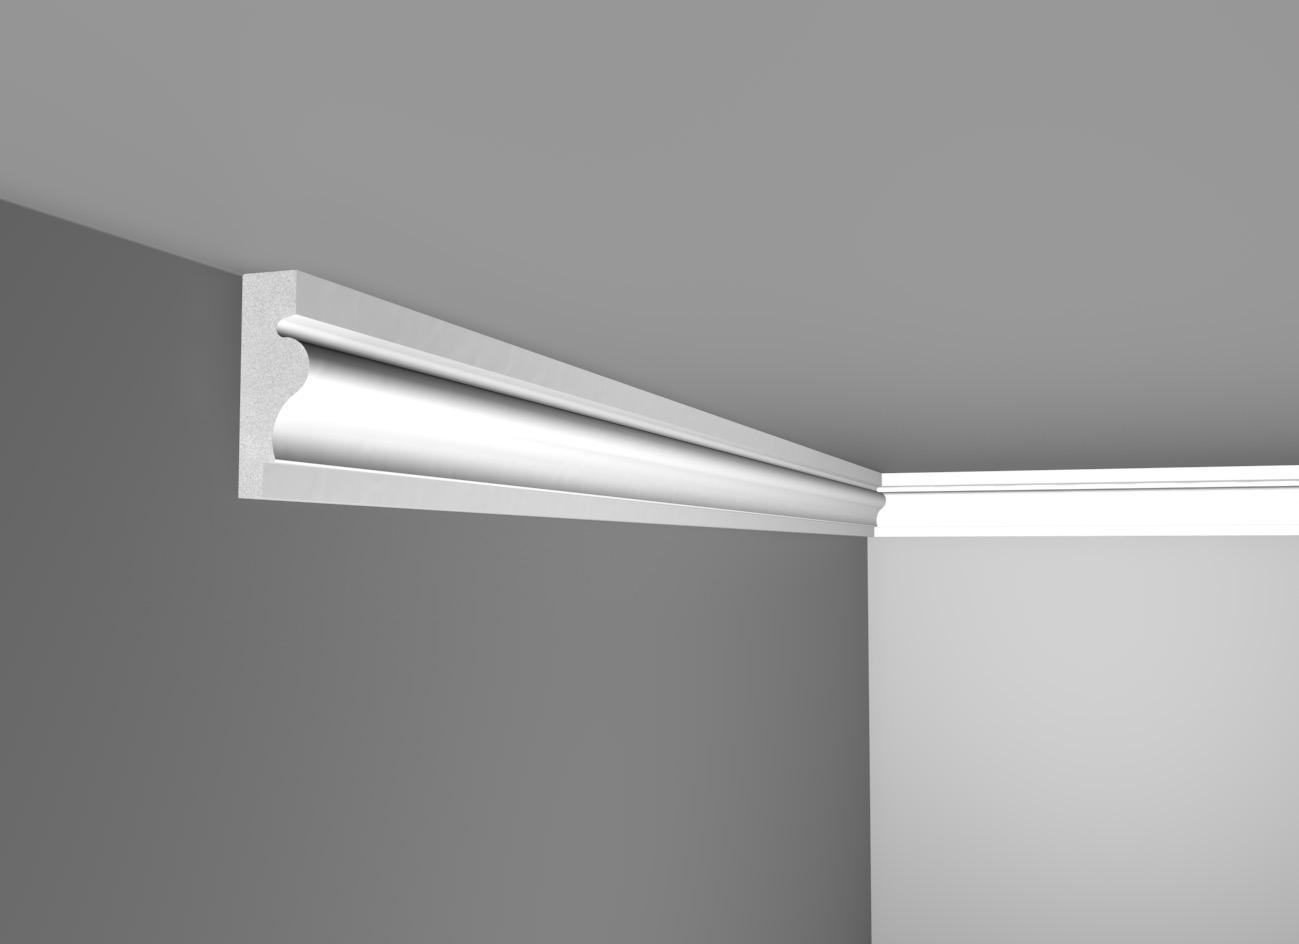 E 65 - Cornice in polistirene gessato bianco - Decorget - Ital Decori - Image 0